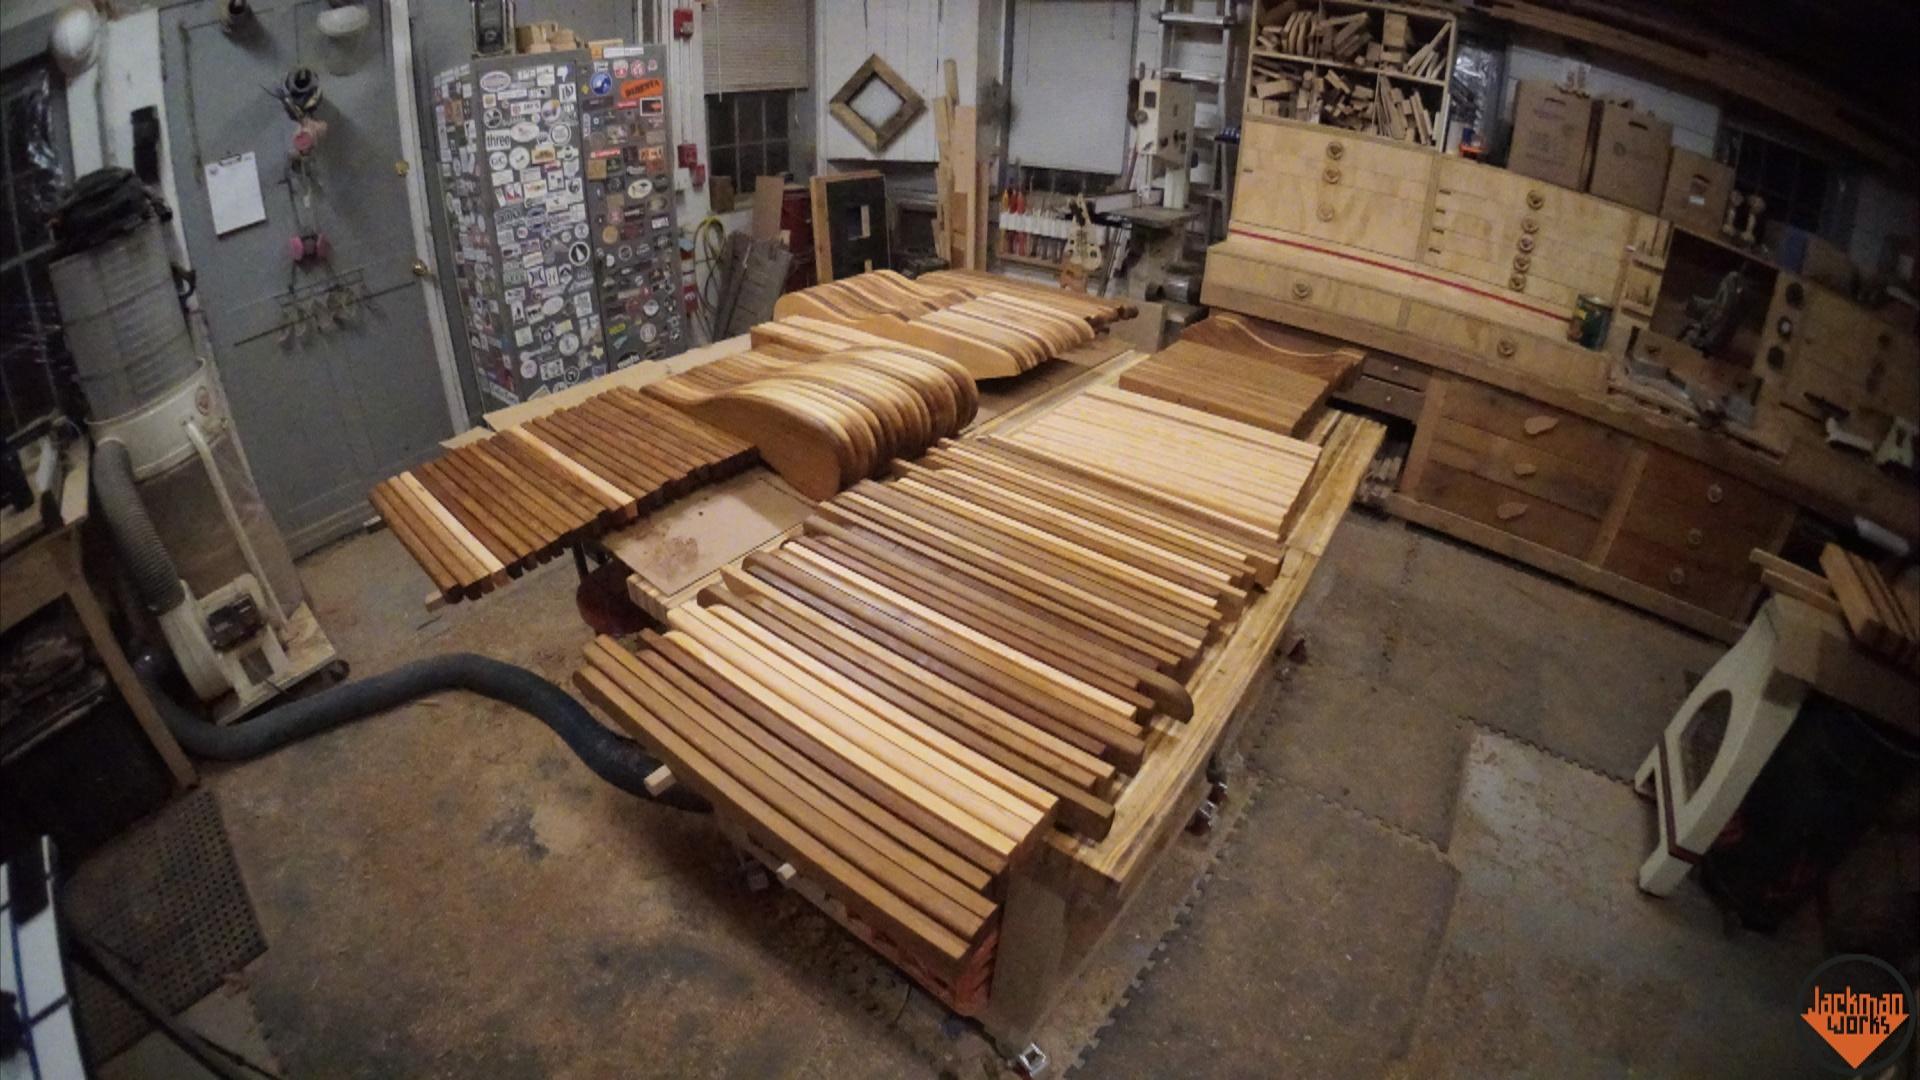 adirondack chairadirondack chair planhow to build an adirondack chairhow to build a chairdiy chairdiy adirondack chairwoodworking planscedarwestern ... & how to build the ultimate adirondack chair 20 | Jackman Works